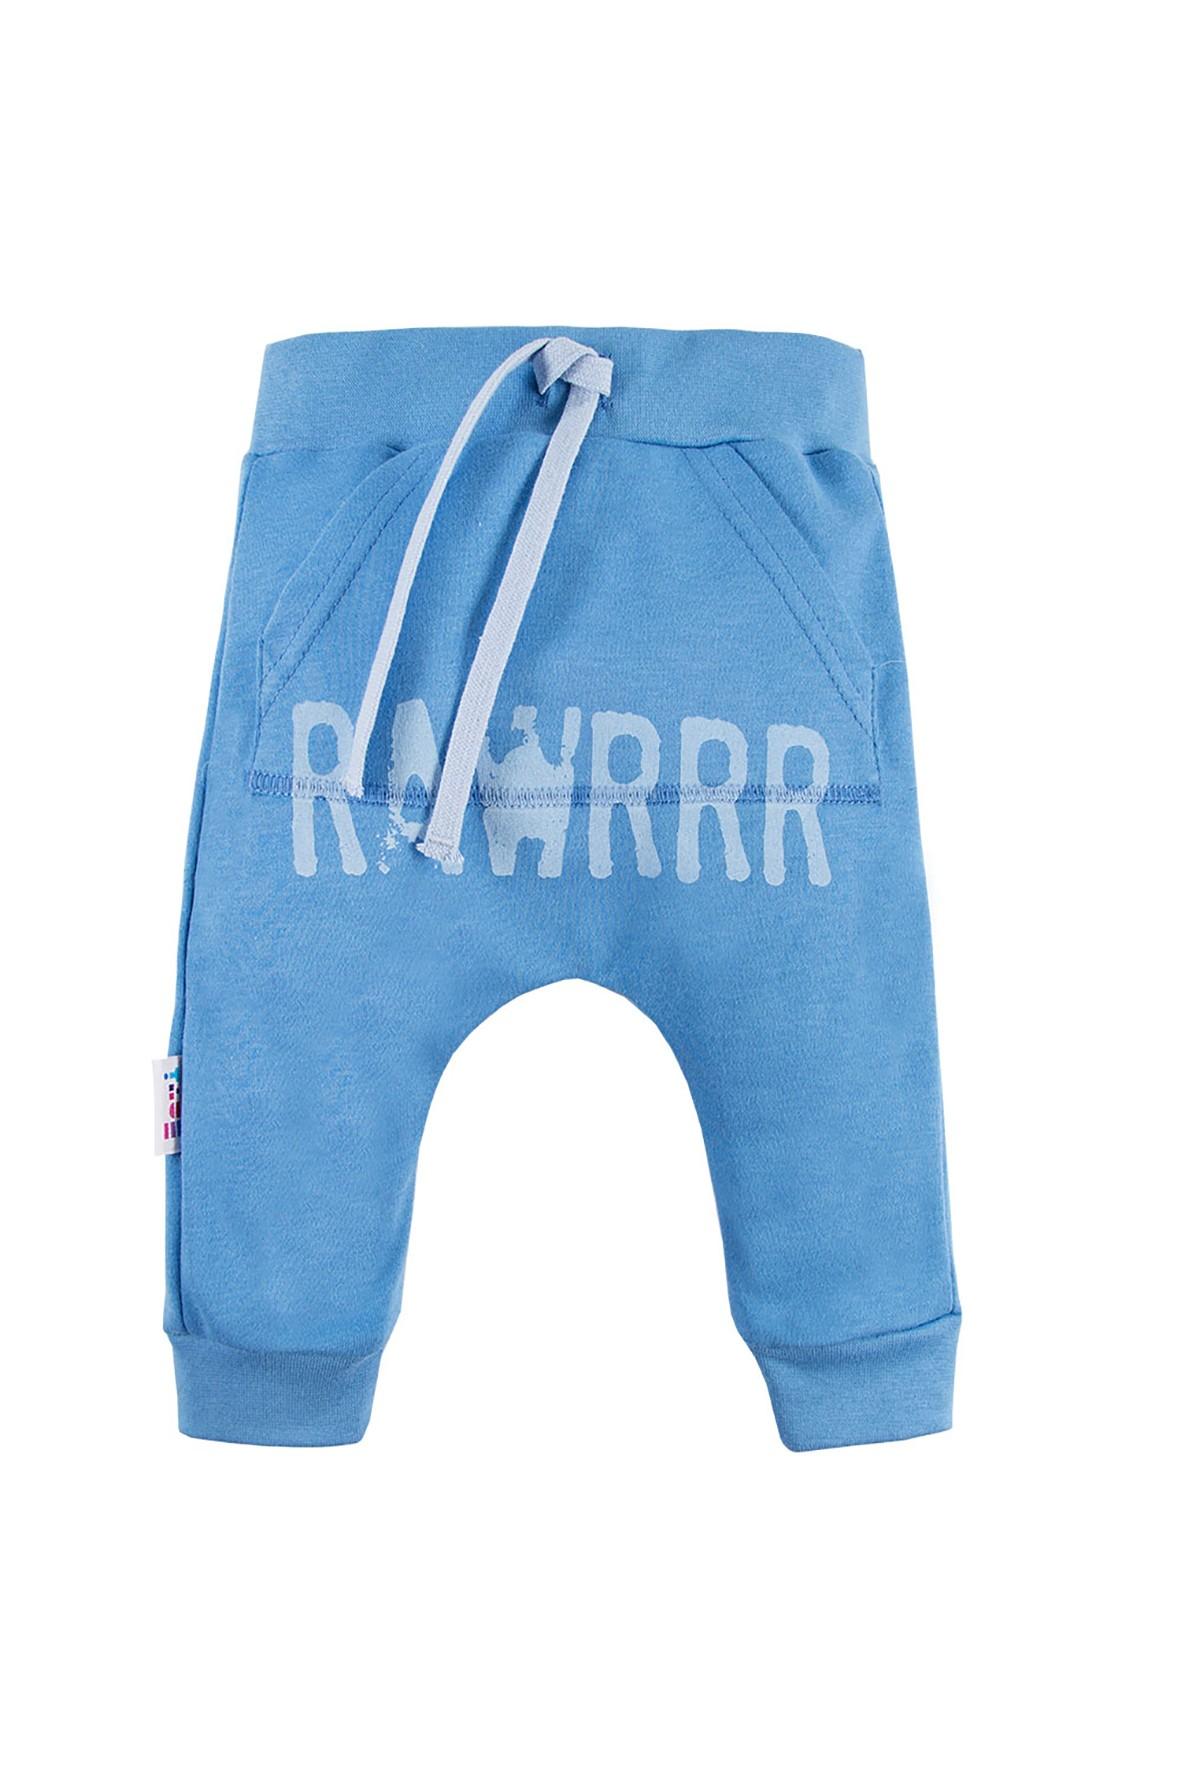 Bawełniane spodnie dresowe NATURE niebieskie